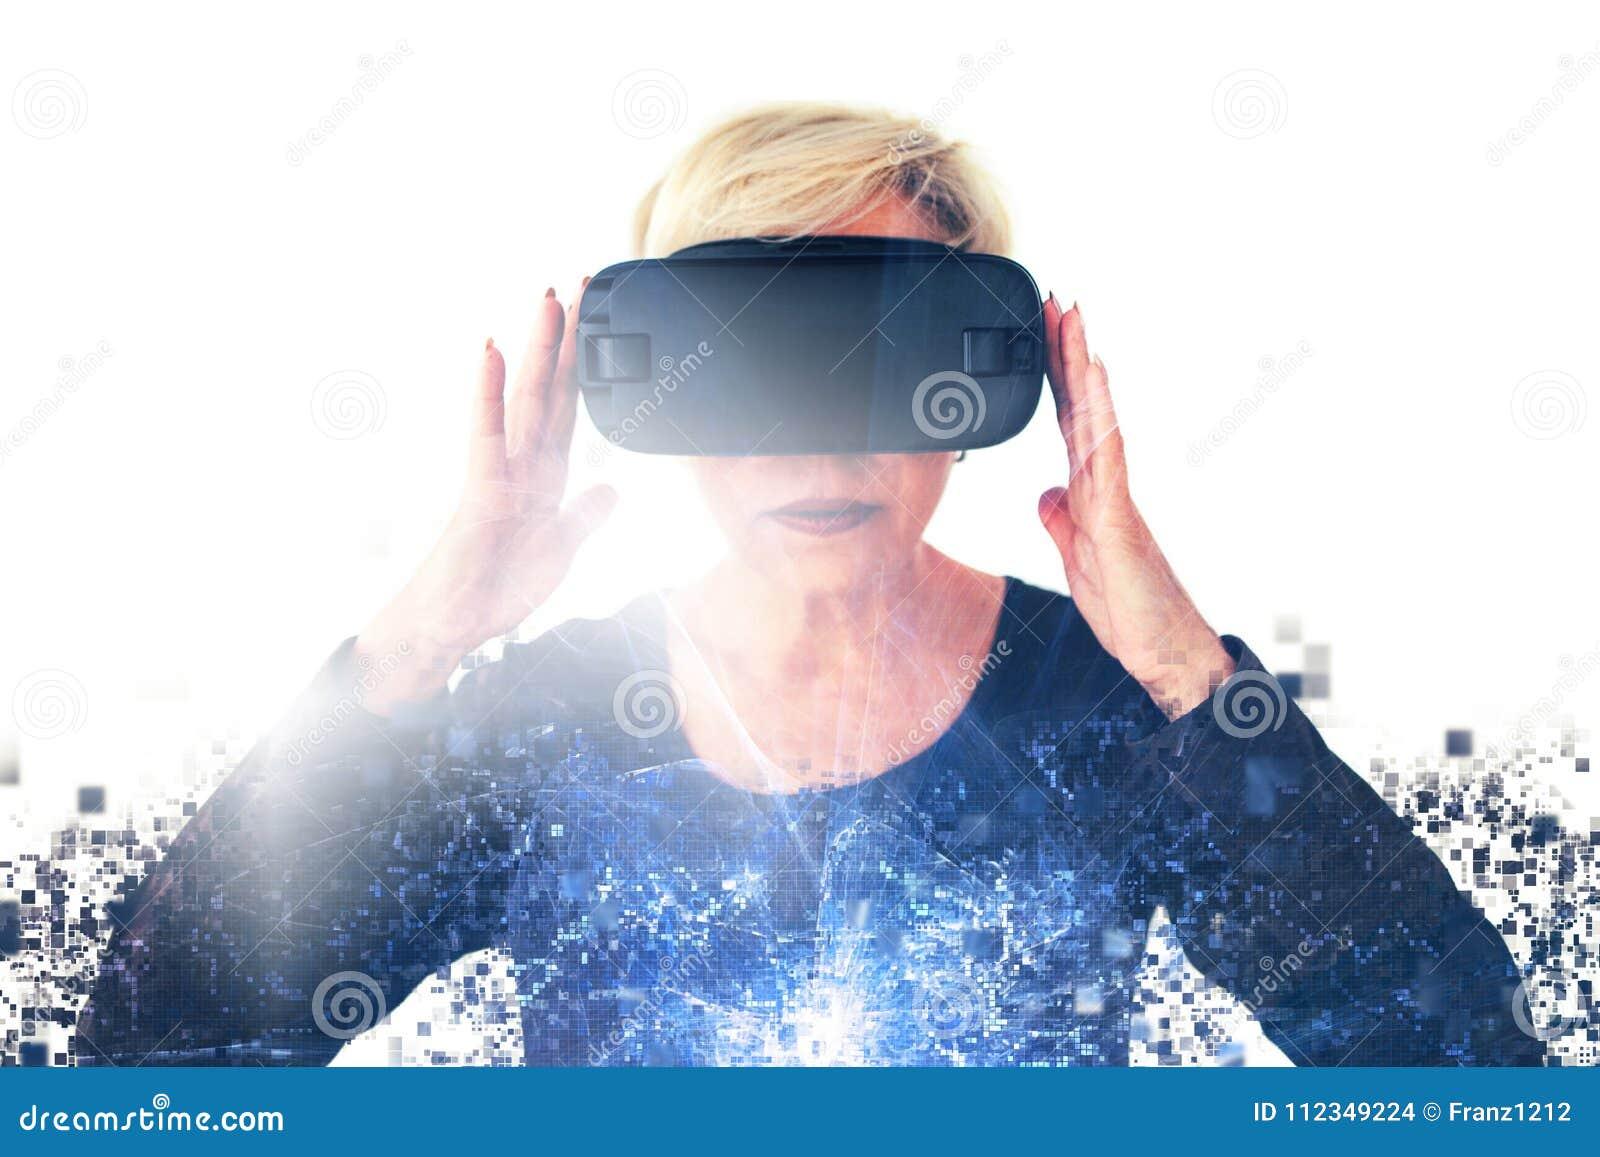 Starsza kobieta w rzeczywistość wirtualna szkłach rozprasza pikslami Konceptualna fotografia z wizualnymi skutkami z